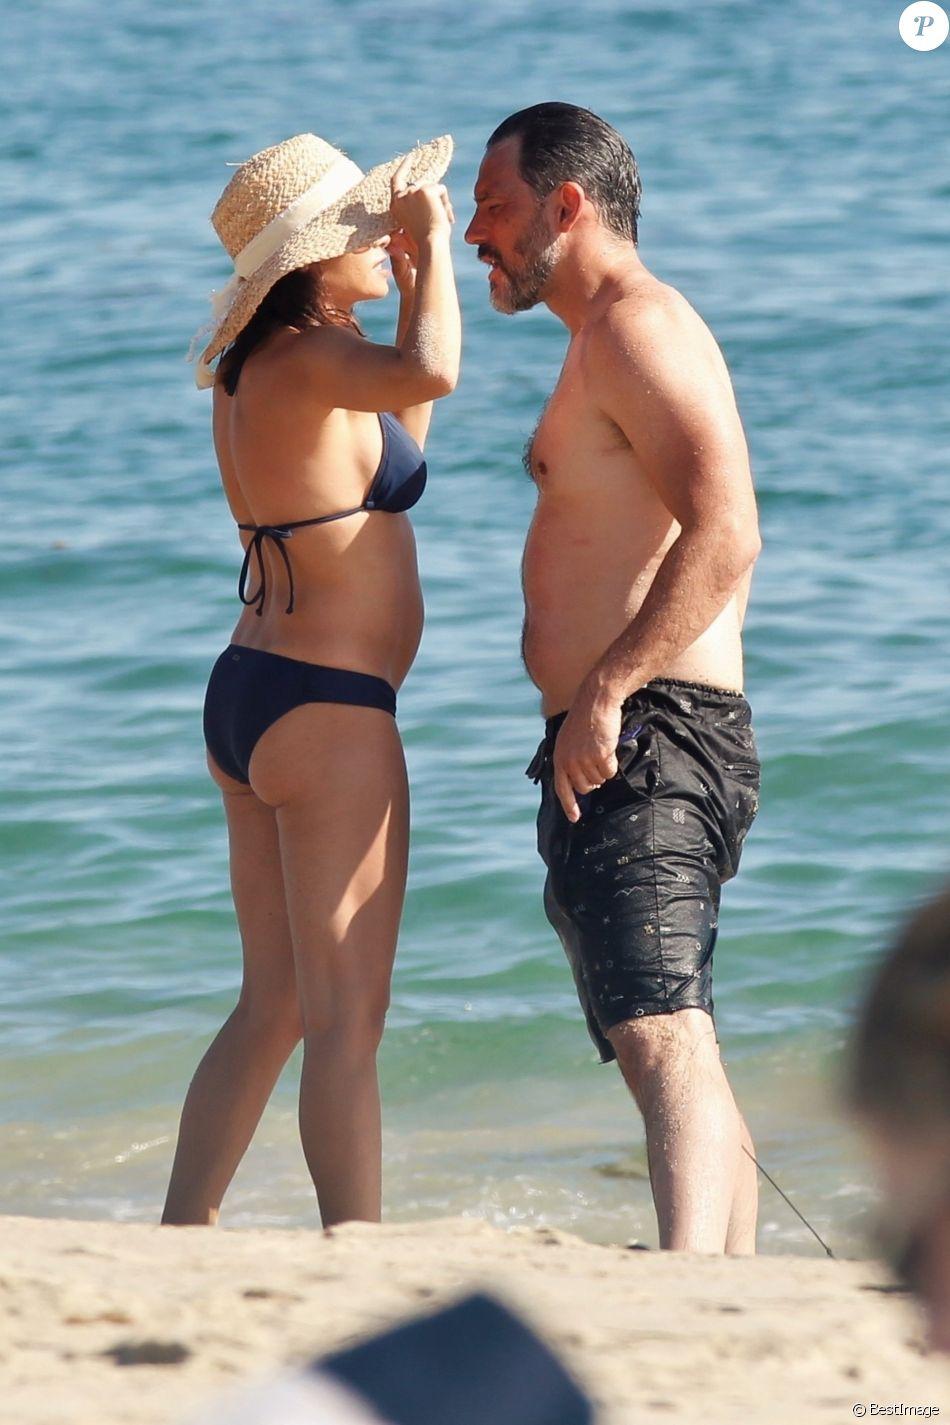 Exclusif - Jenna Dewan passe la journée à la plage avec son compagnon Steve Kazee et sa fille Everly Tatum sur une plage de Los Angeles. Le 30 août 2019